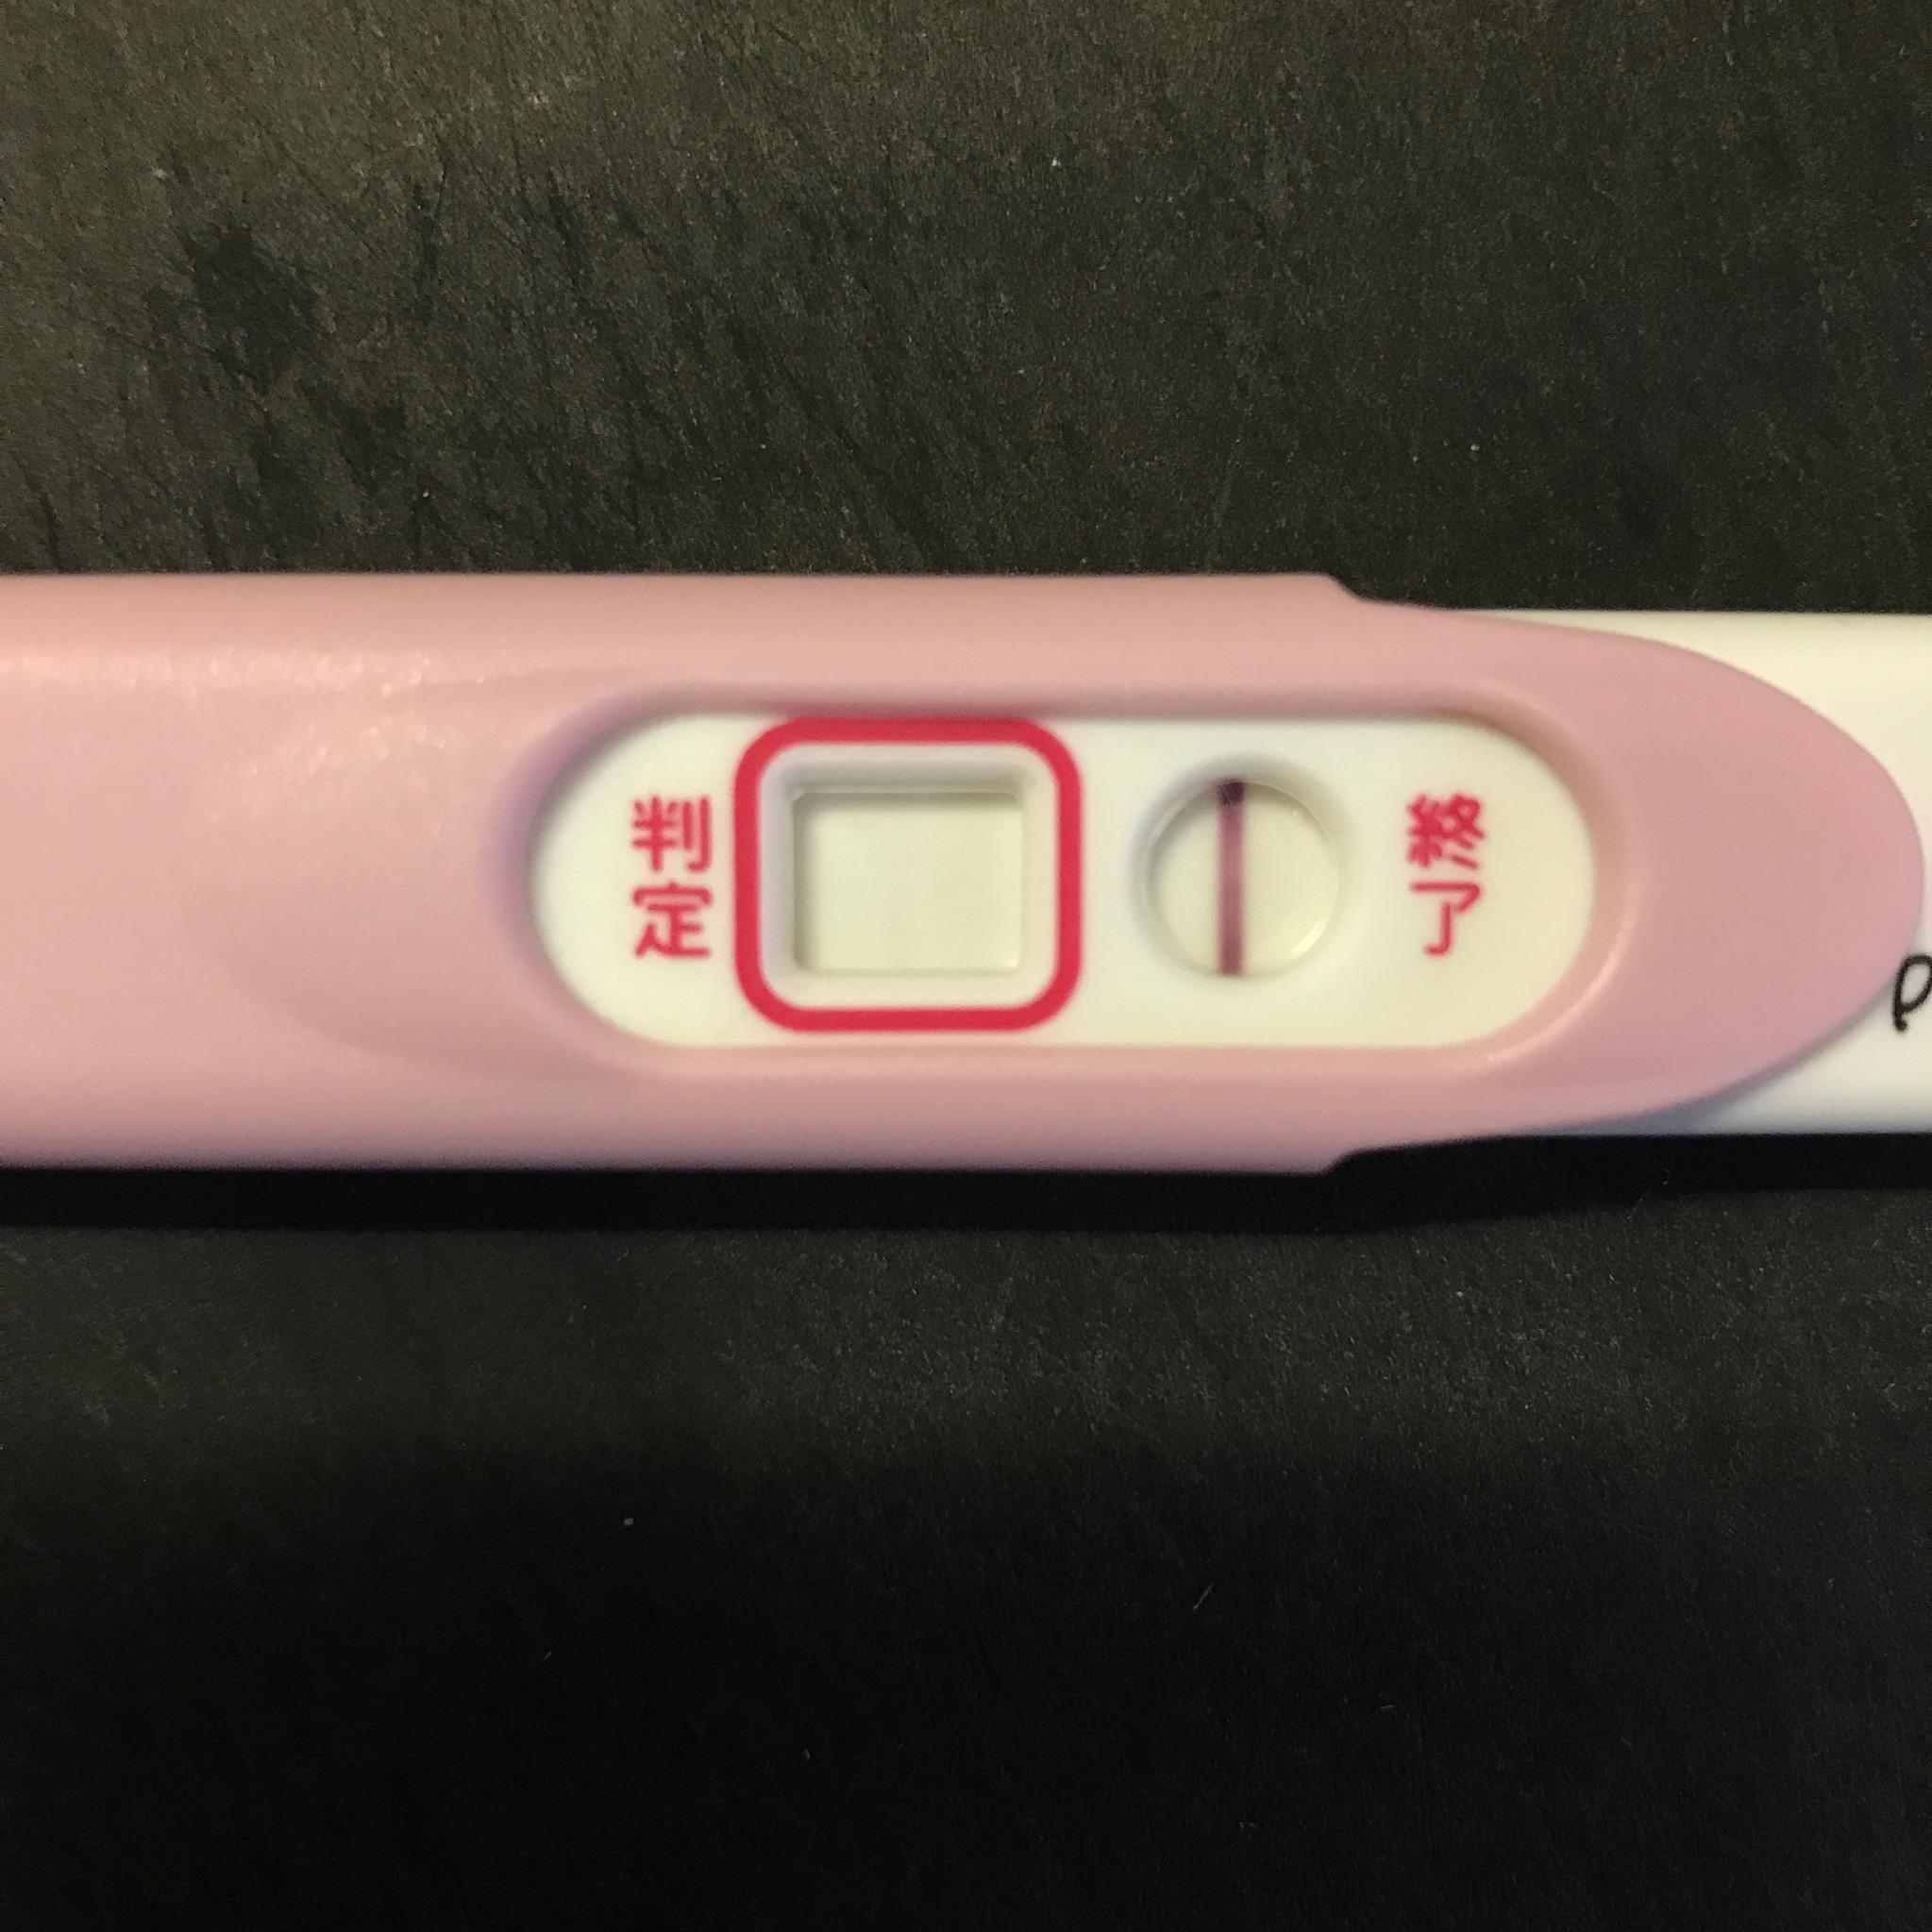 妊娠検査薬D11日目Pチェックの陽性反応線